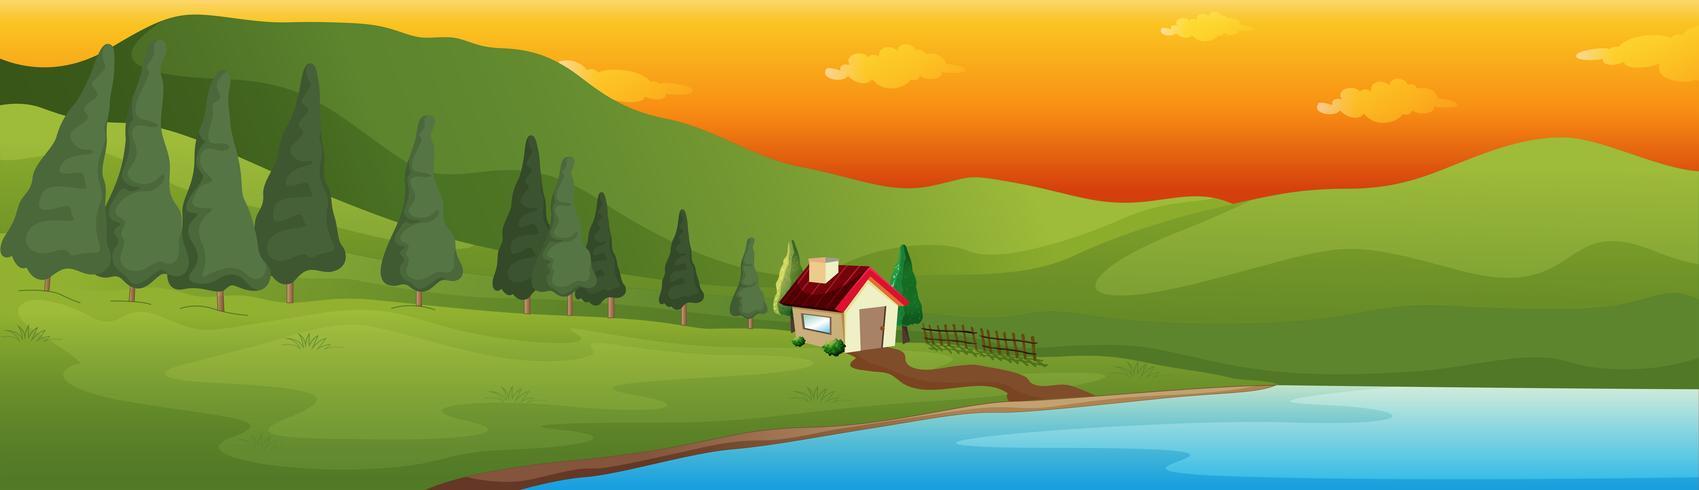 Ein Seehaus im Big Valley vektor